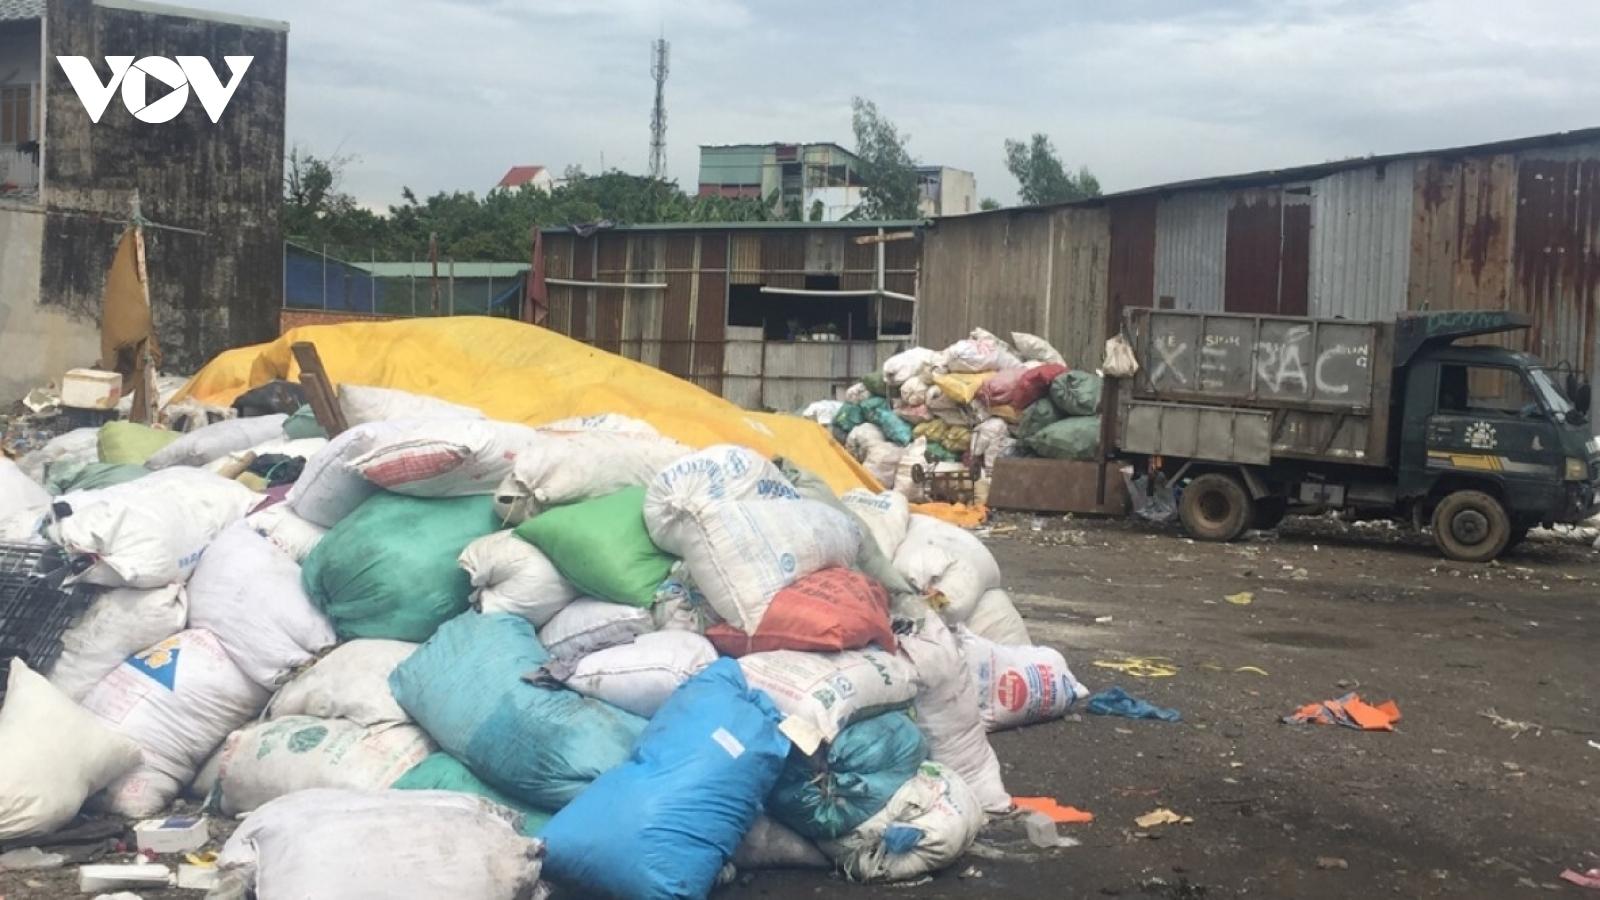 TPHCM tăng phí thu gom rác, người dân bất ngờ, các đơn vị thu gom kêu khó